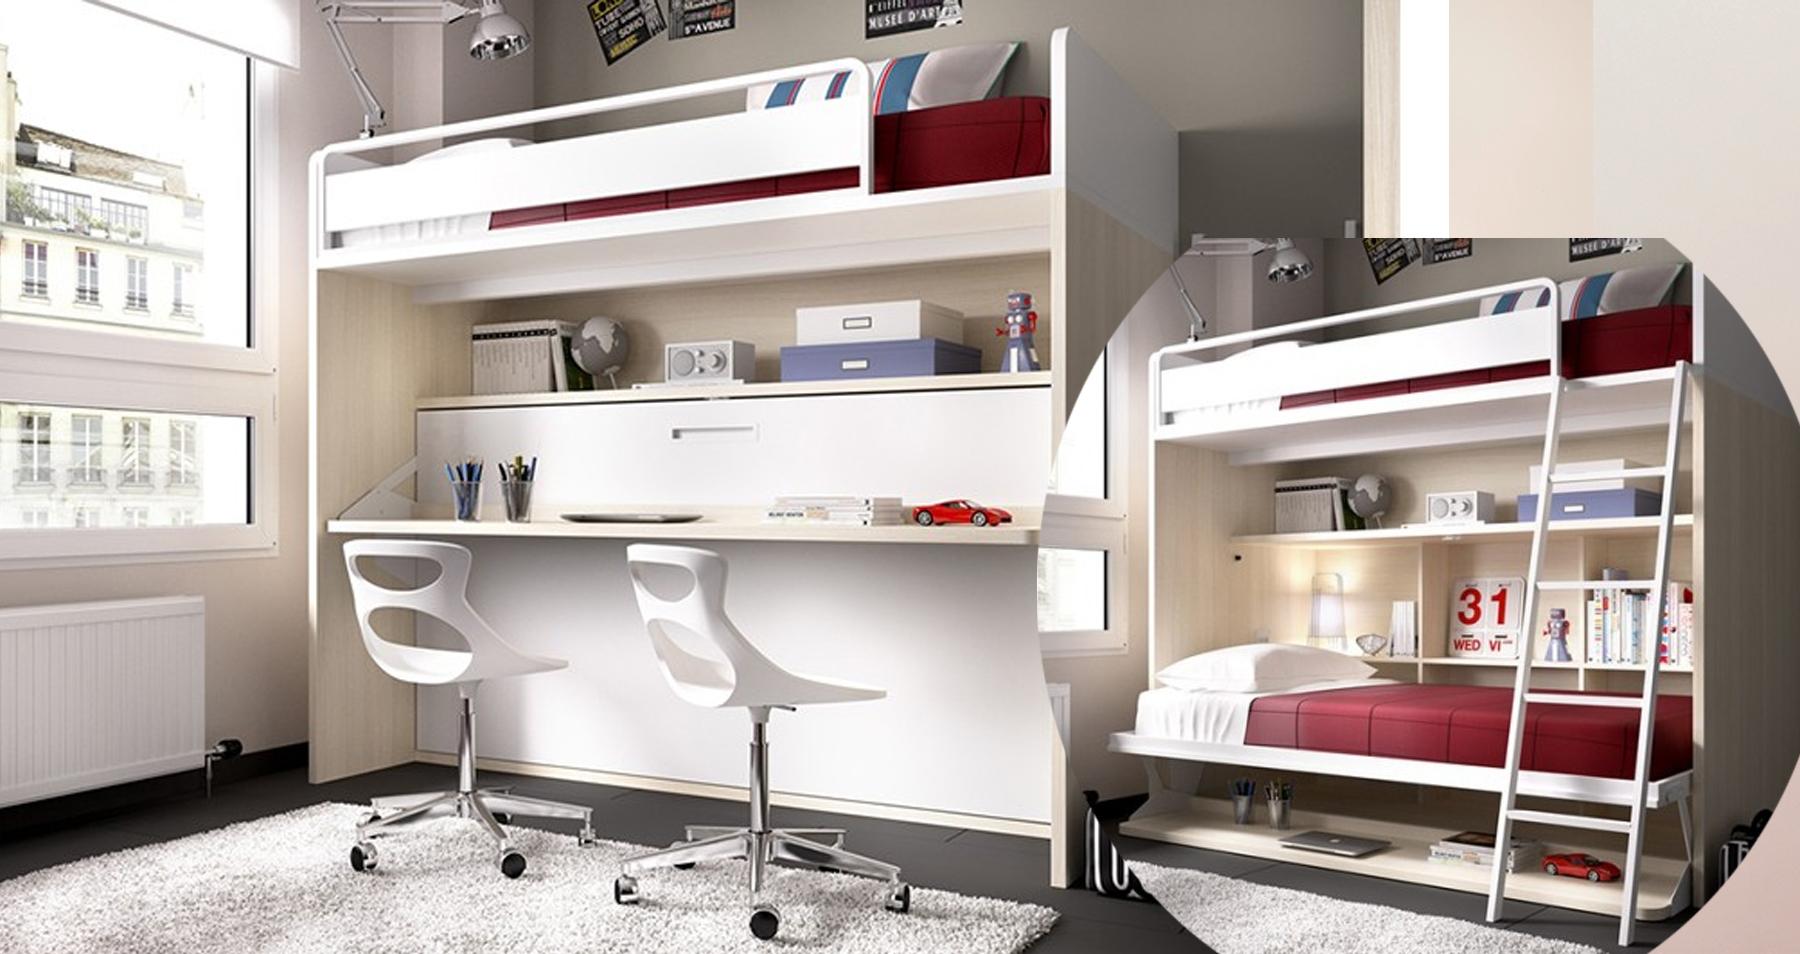 Inicio - Belhogar Muebles y Electrodomésticos